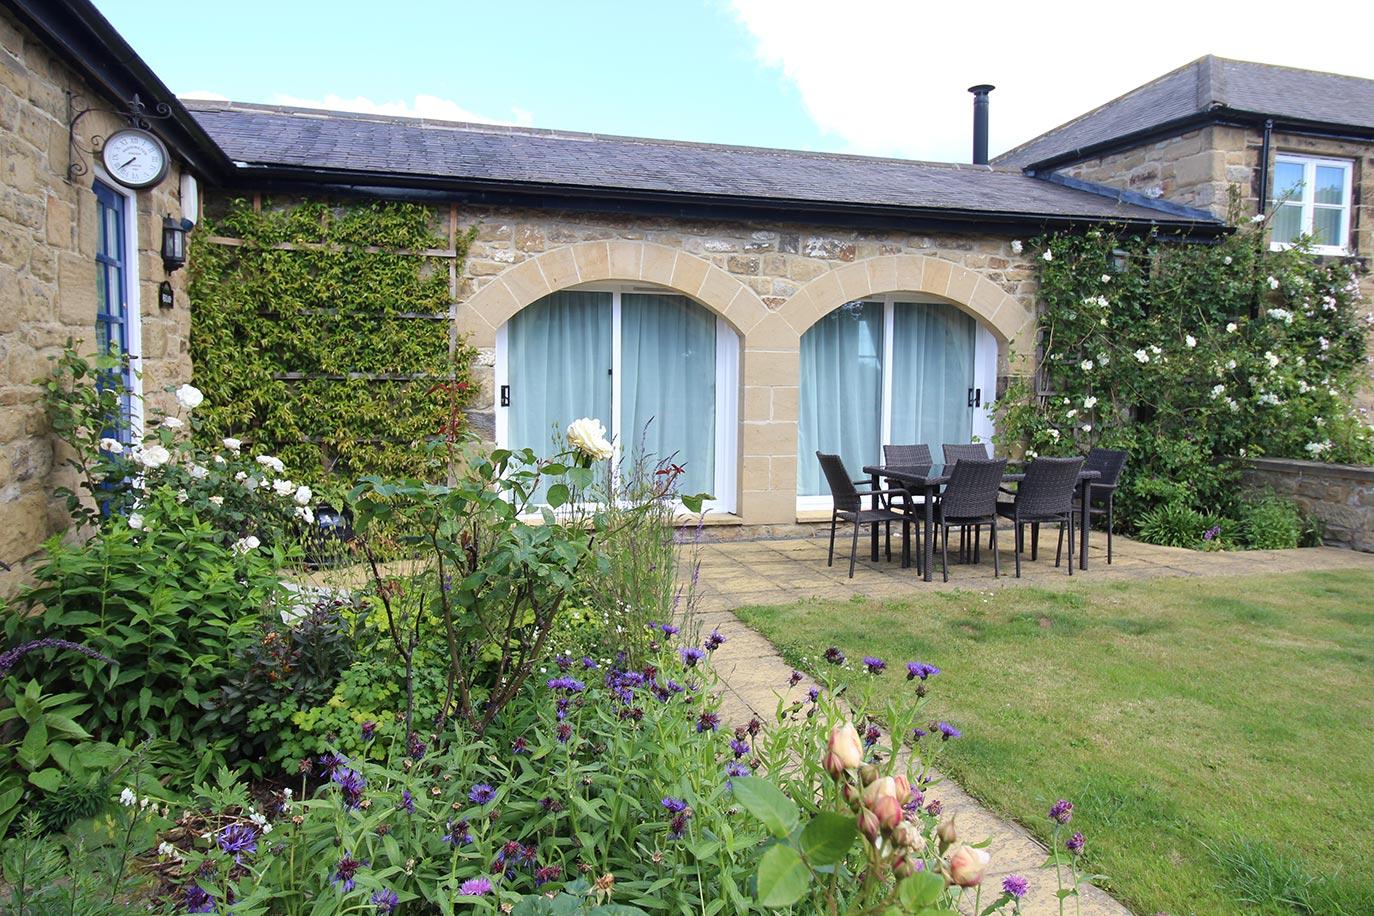 Wheatlands Cottage front private garden | Burradon Farm Houses & Cottages